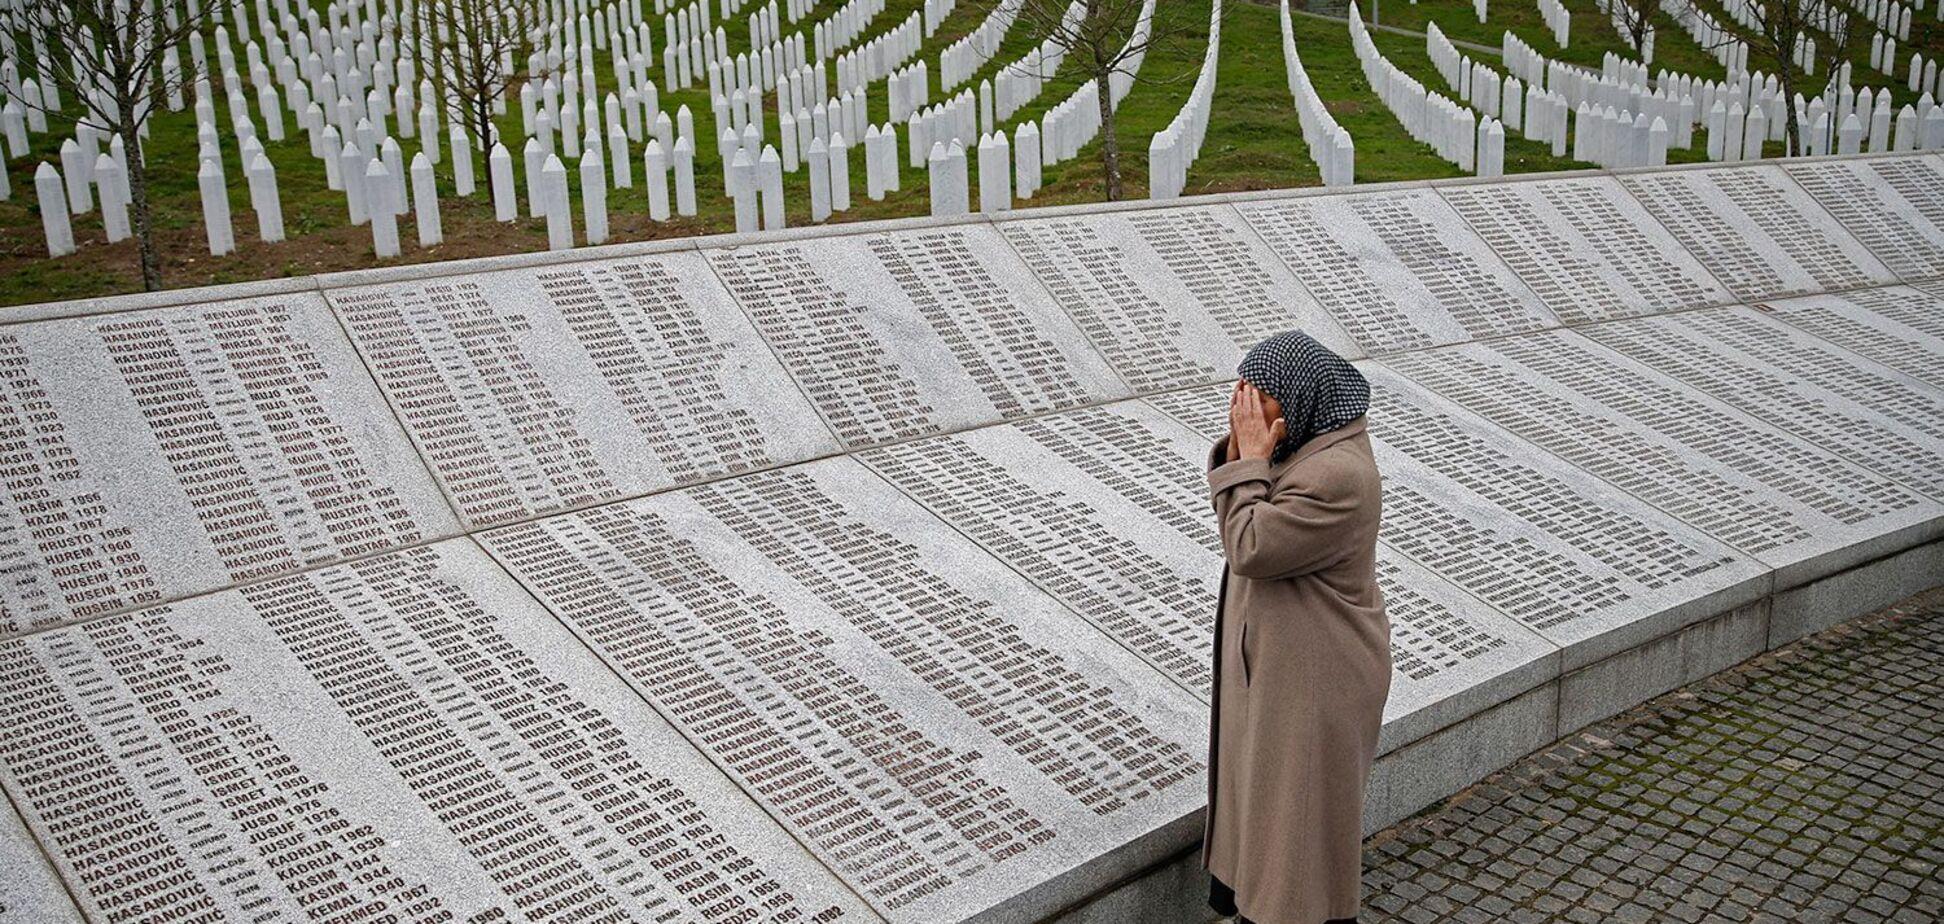 Москва і Сребрениця. Російські добровольці тоді вбивали мусульман Боснії, як зараз українців на Донбасі